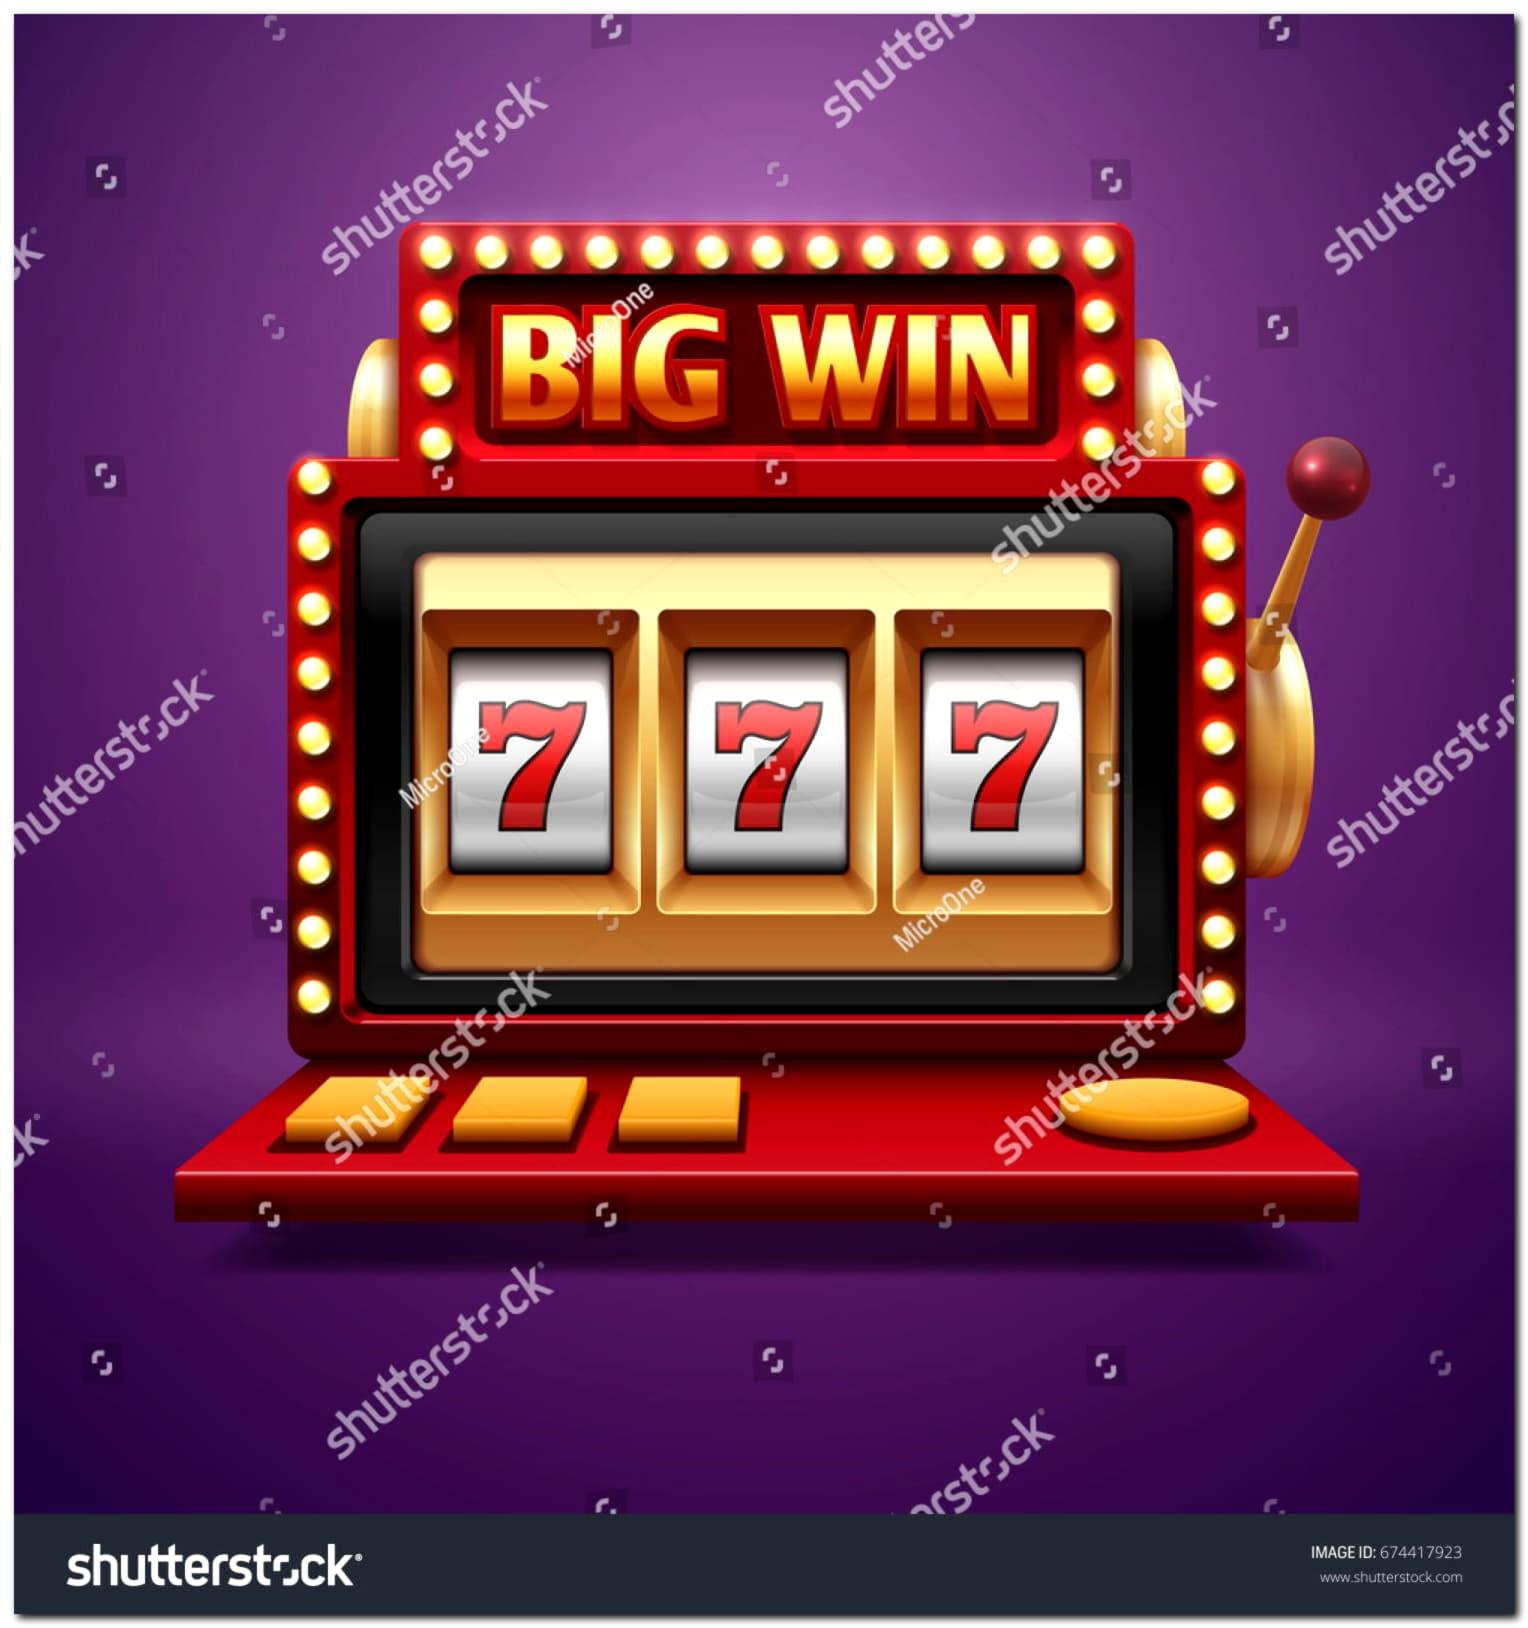 Leo VegasカジノでのEur 880トーナメント